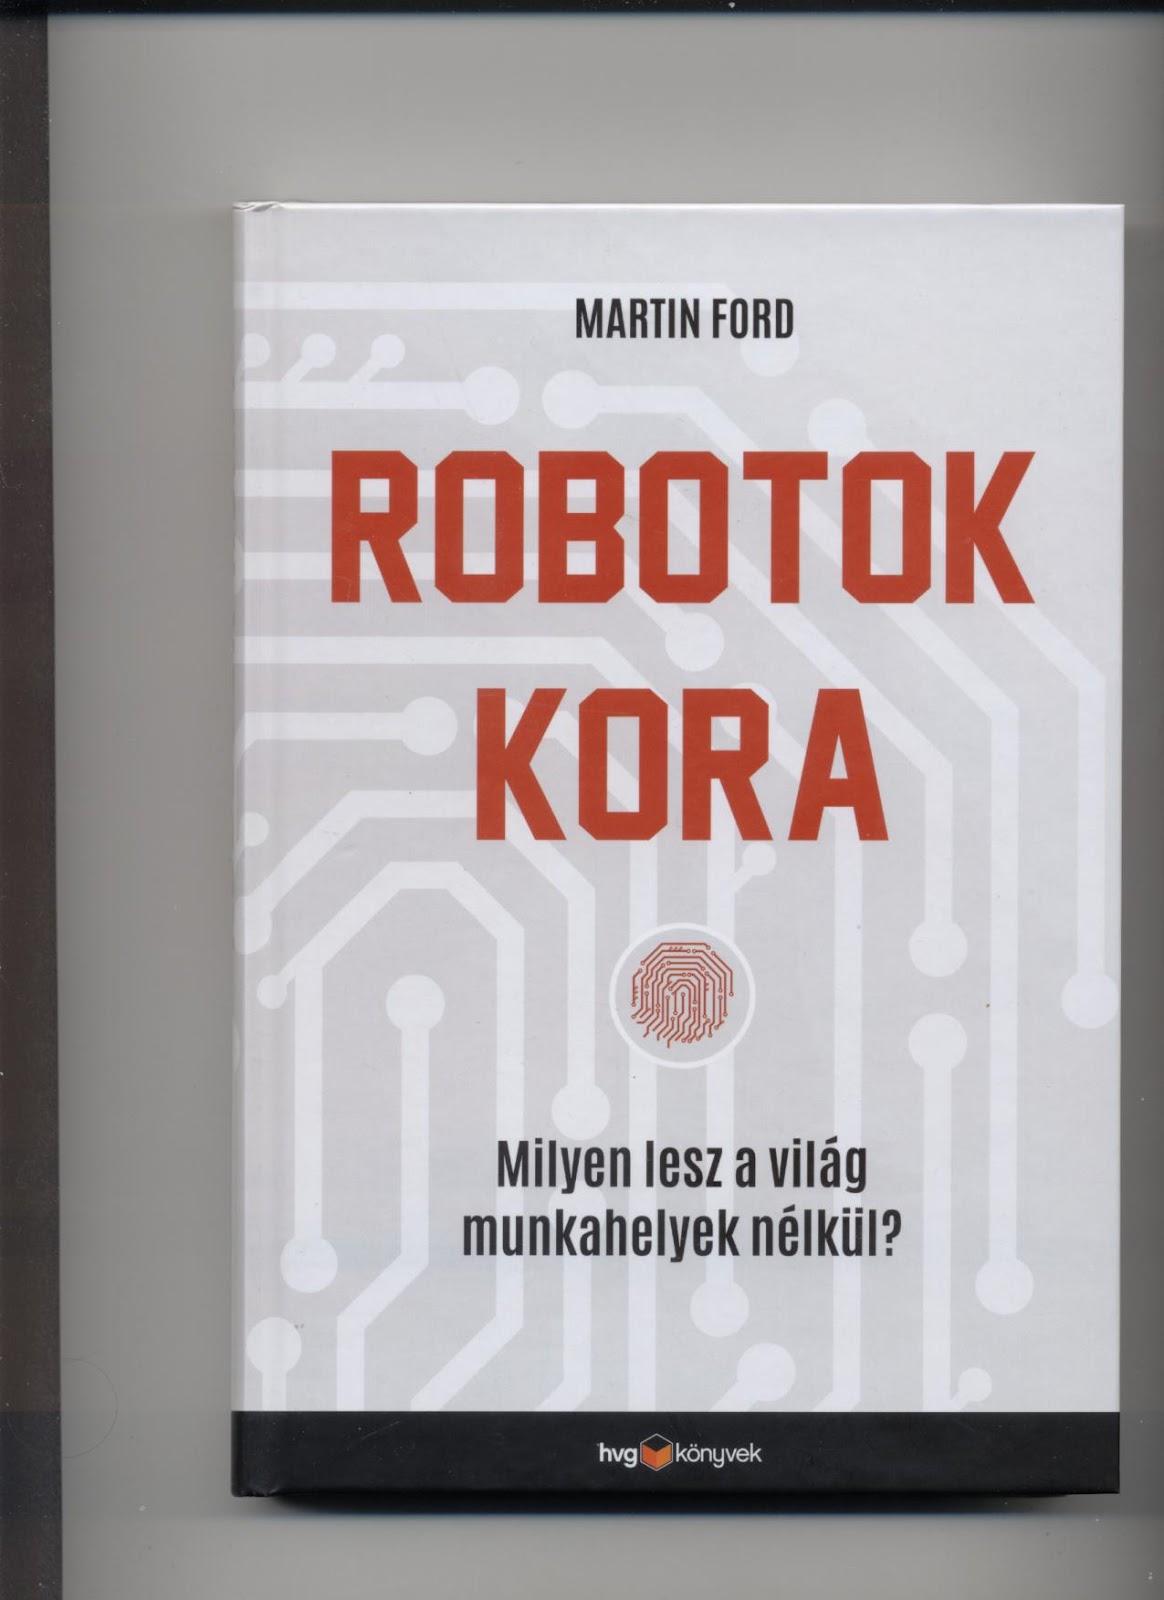 Robotot keresek az interneten és beruházások nélkül hogyan lehet bináris opciókkal kereskedni a hírekkel